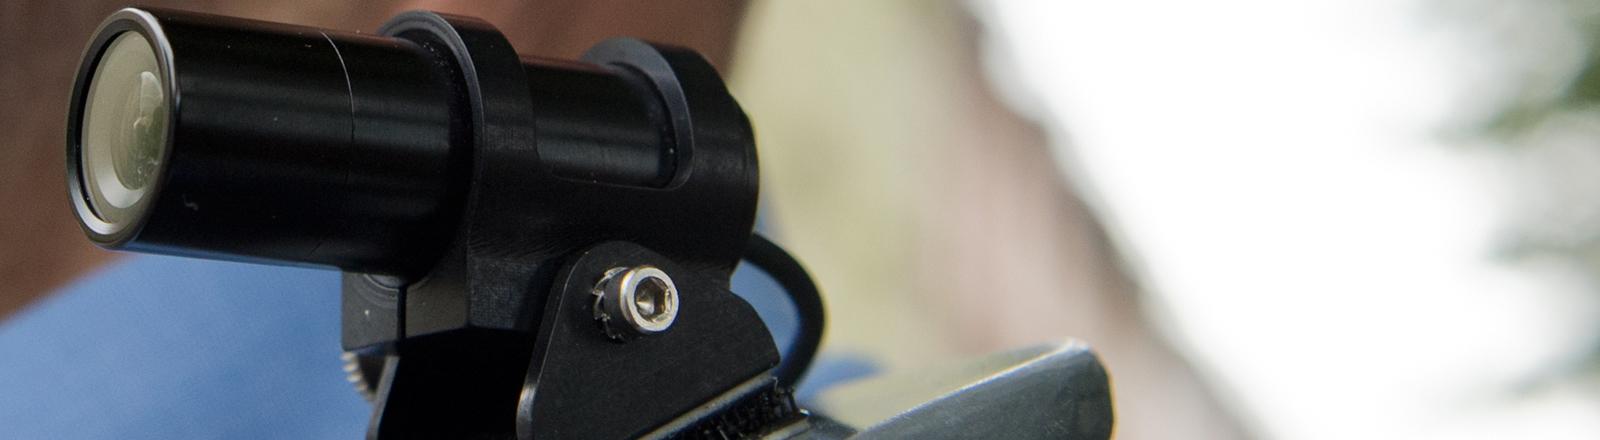 Eine Bodycam, eine winzige Videokamera auf der Schulter eines Polizisten, aufgenommen am 27.05.2013 in Frankfurt am Main (Hessen).